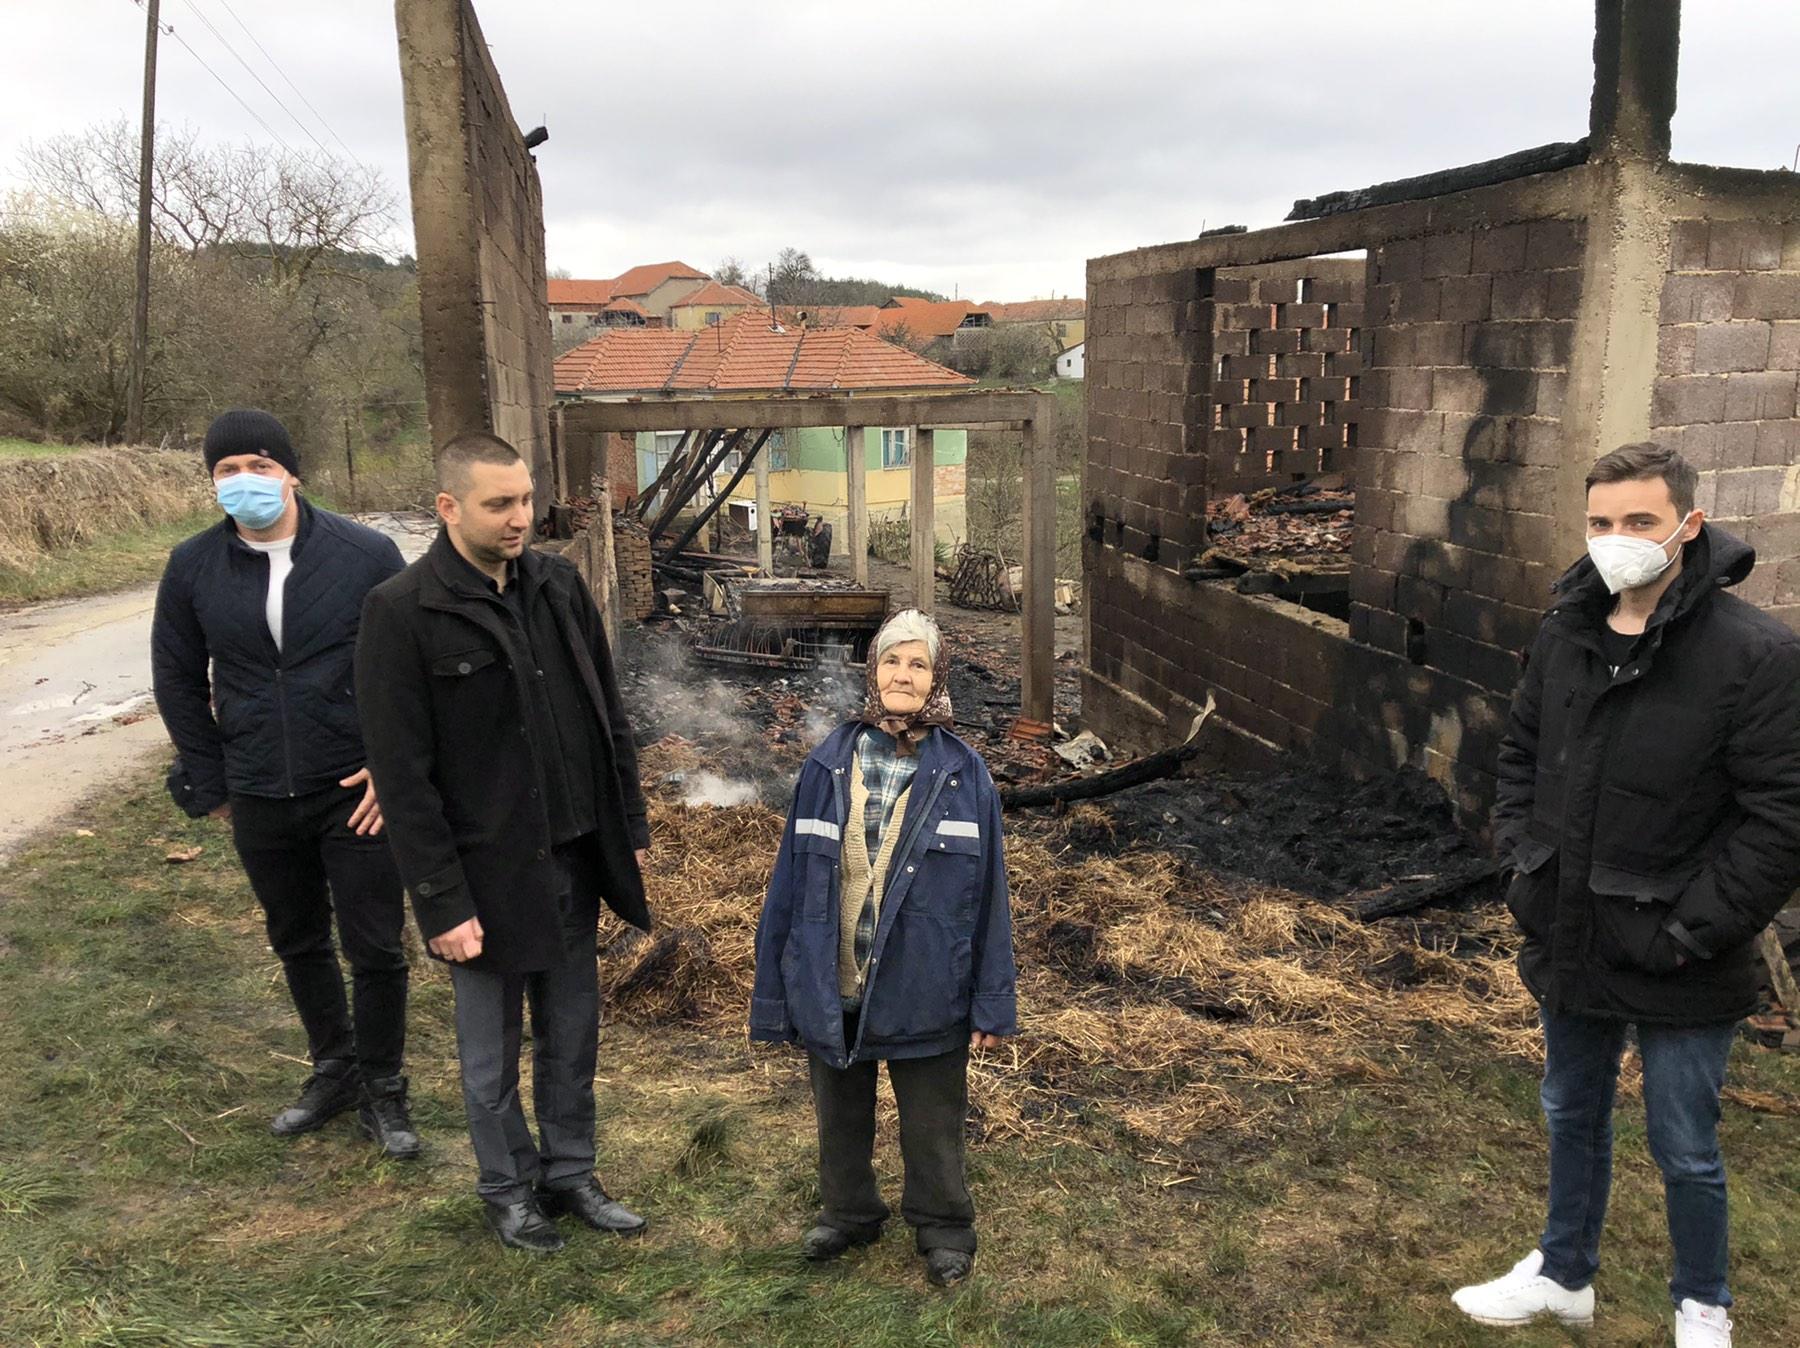 Predsednik opštine obišao porodicu Živković, foto: Svrljiške novine